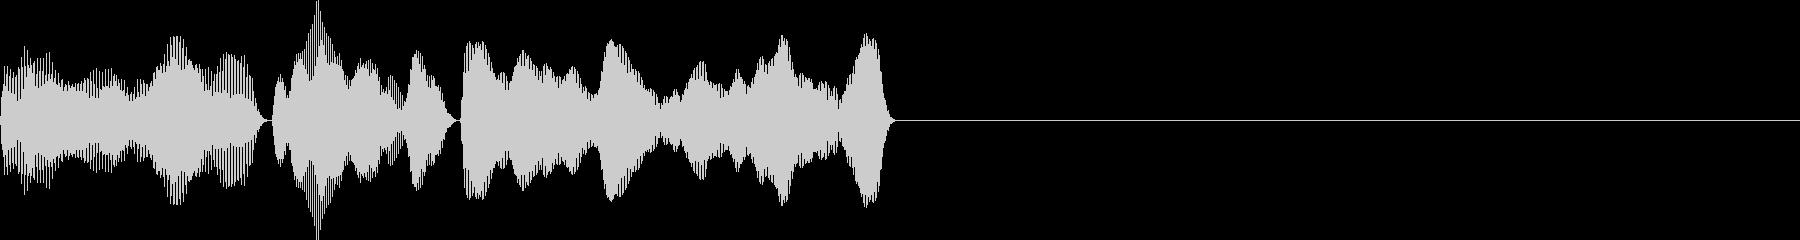 ティララ(ボタン_決定)の未再生の波形